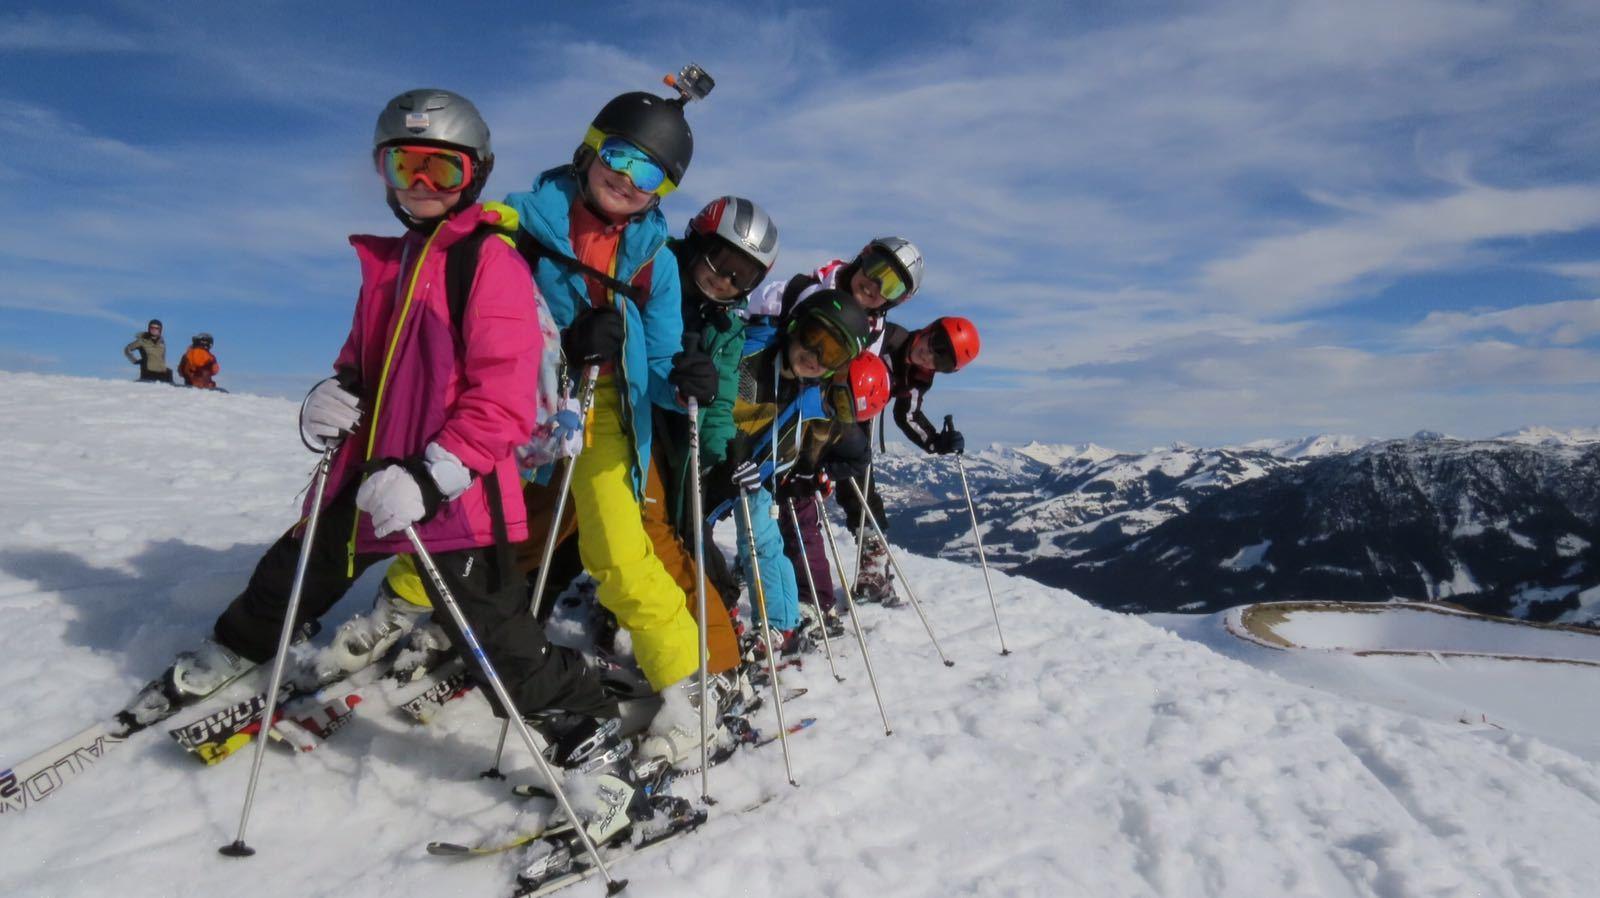 [2022] Skiwelt- snowboardavontuur - Krokus - Breitenbach (Riedhof)